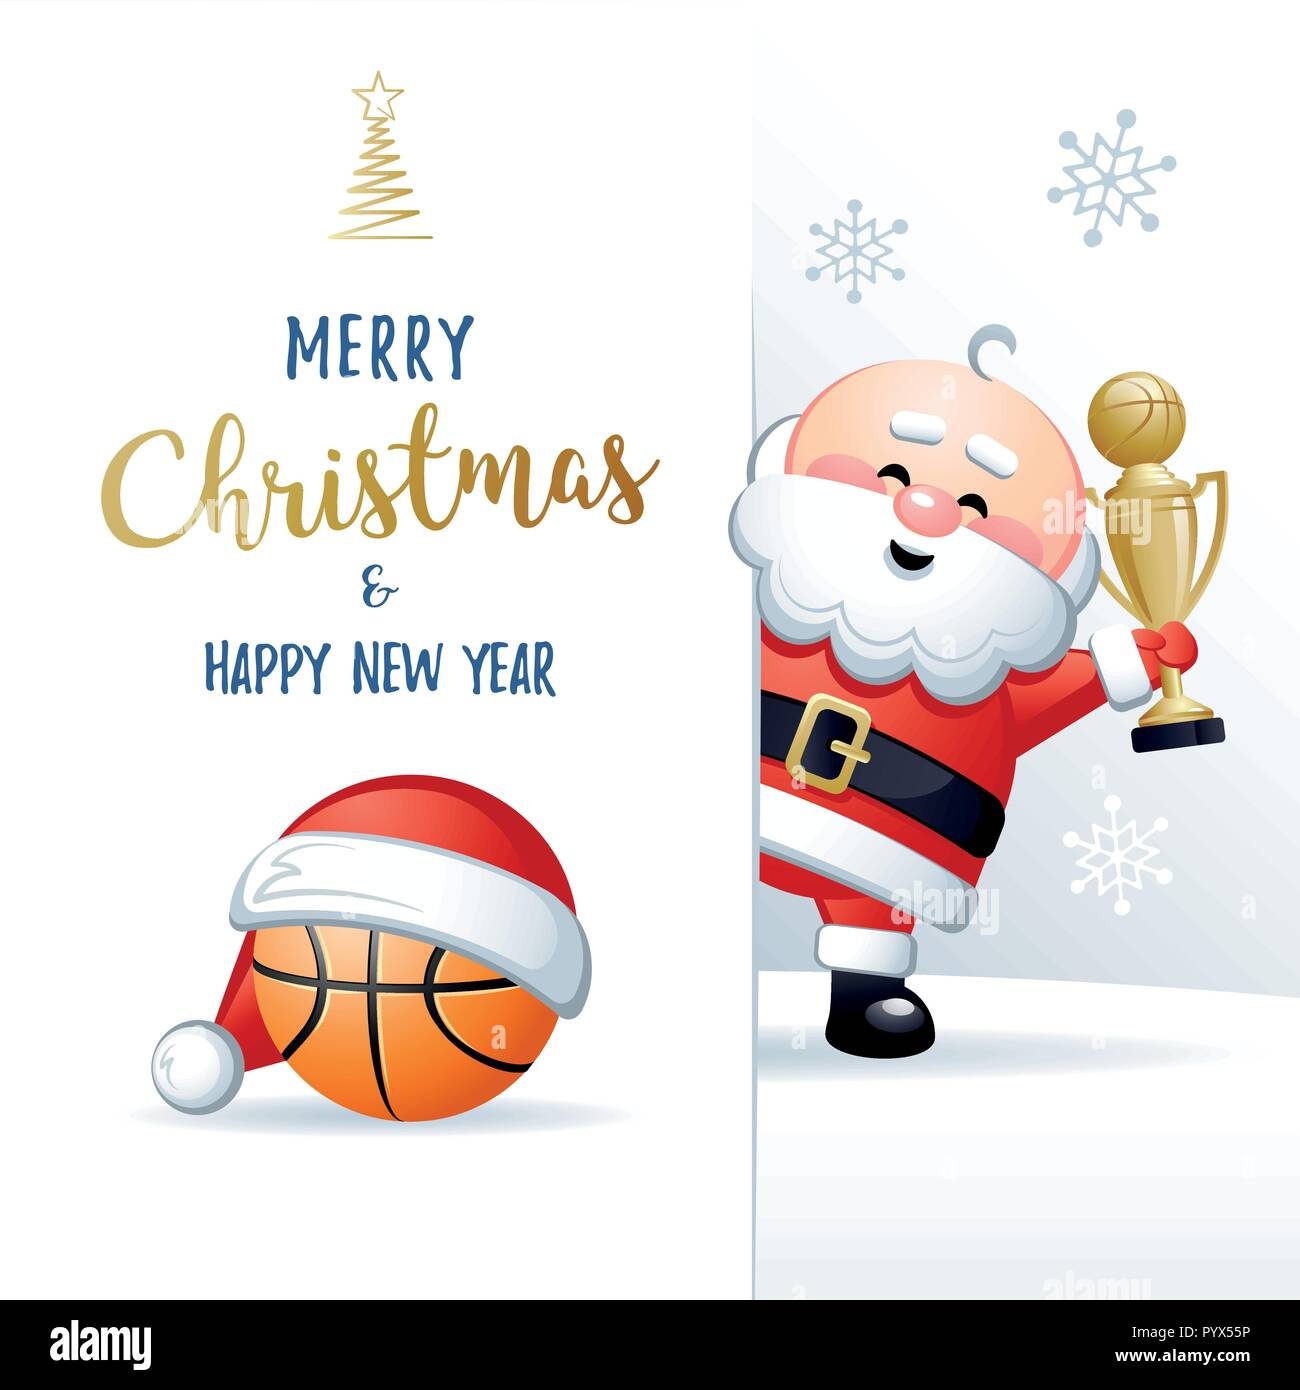 Joyeux Noel Et Bonne Annee Sports Carte De Vœux Pere Noel Mignon